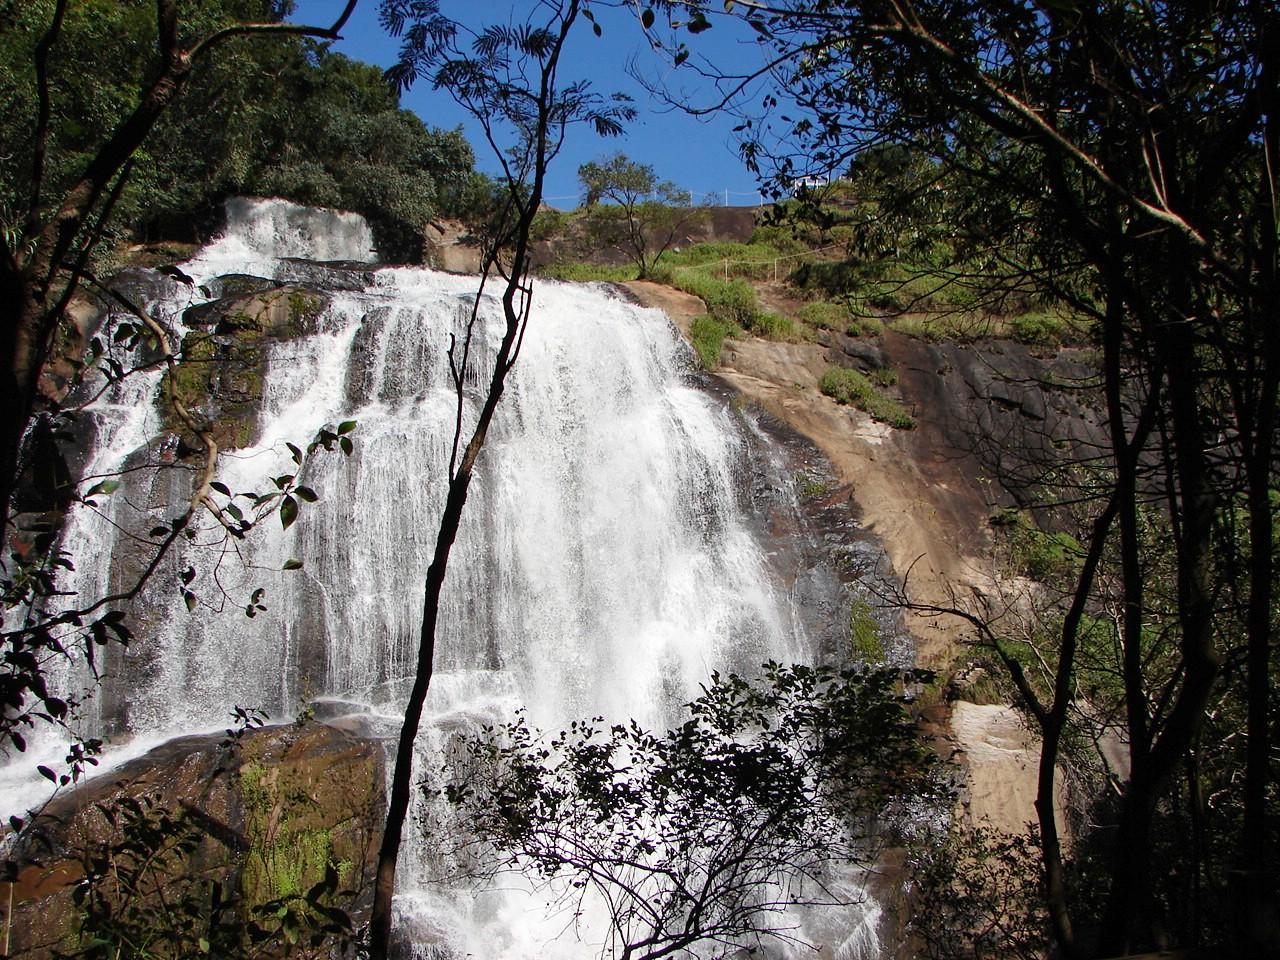 cachoeira-dos-felix-7